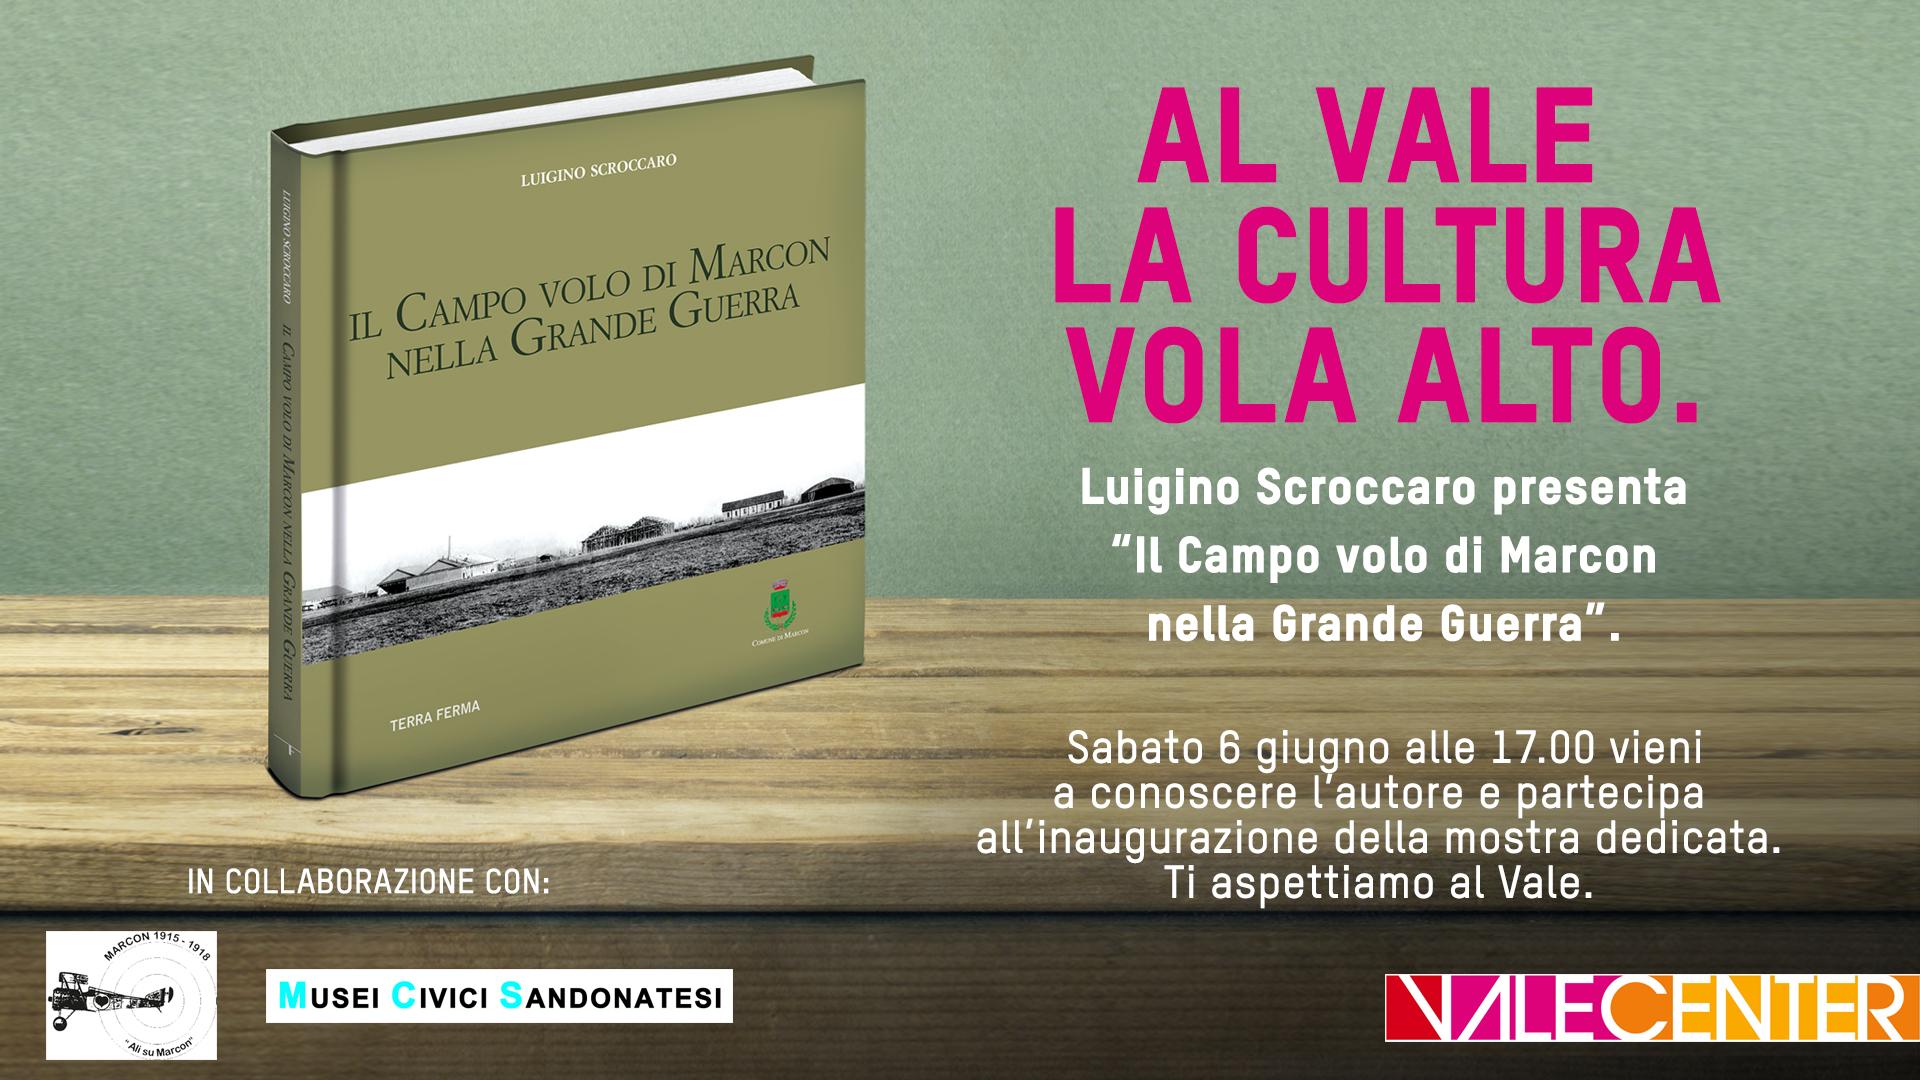 Campo_Volo_Marcon_Valecenter